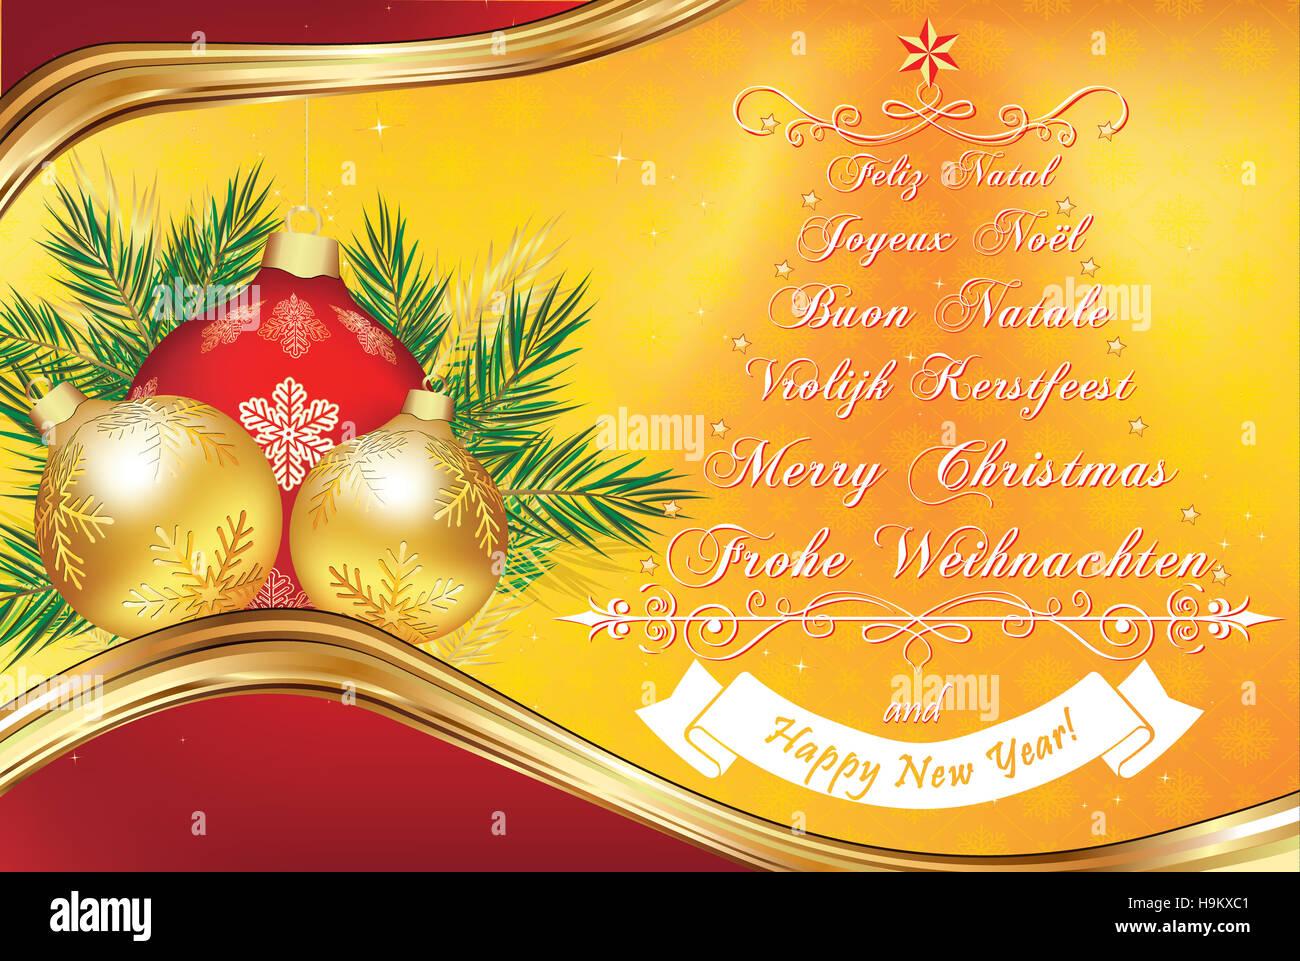 Como Decir Feliz Navidad En Holandes.Merry Christmas In German Imagenes De Stock Merry